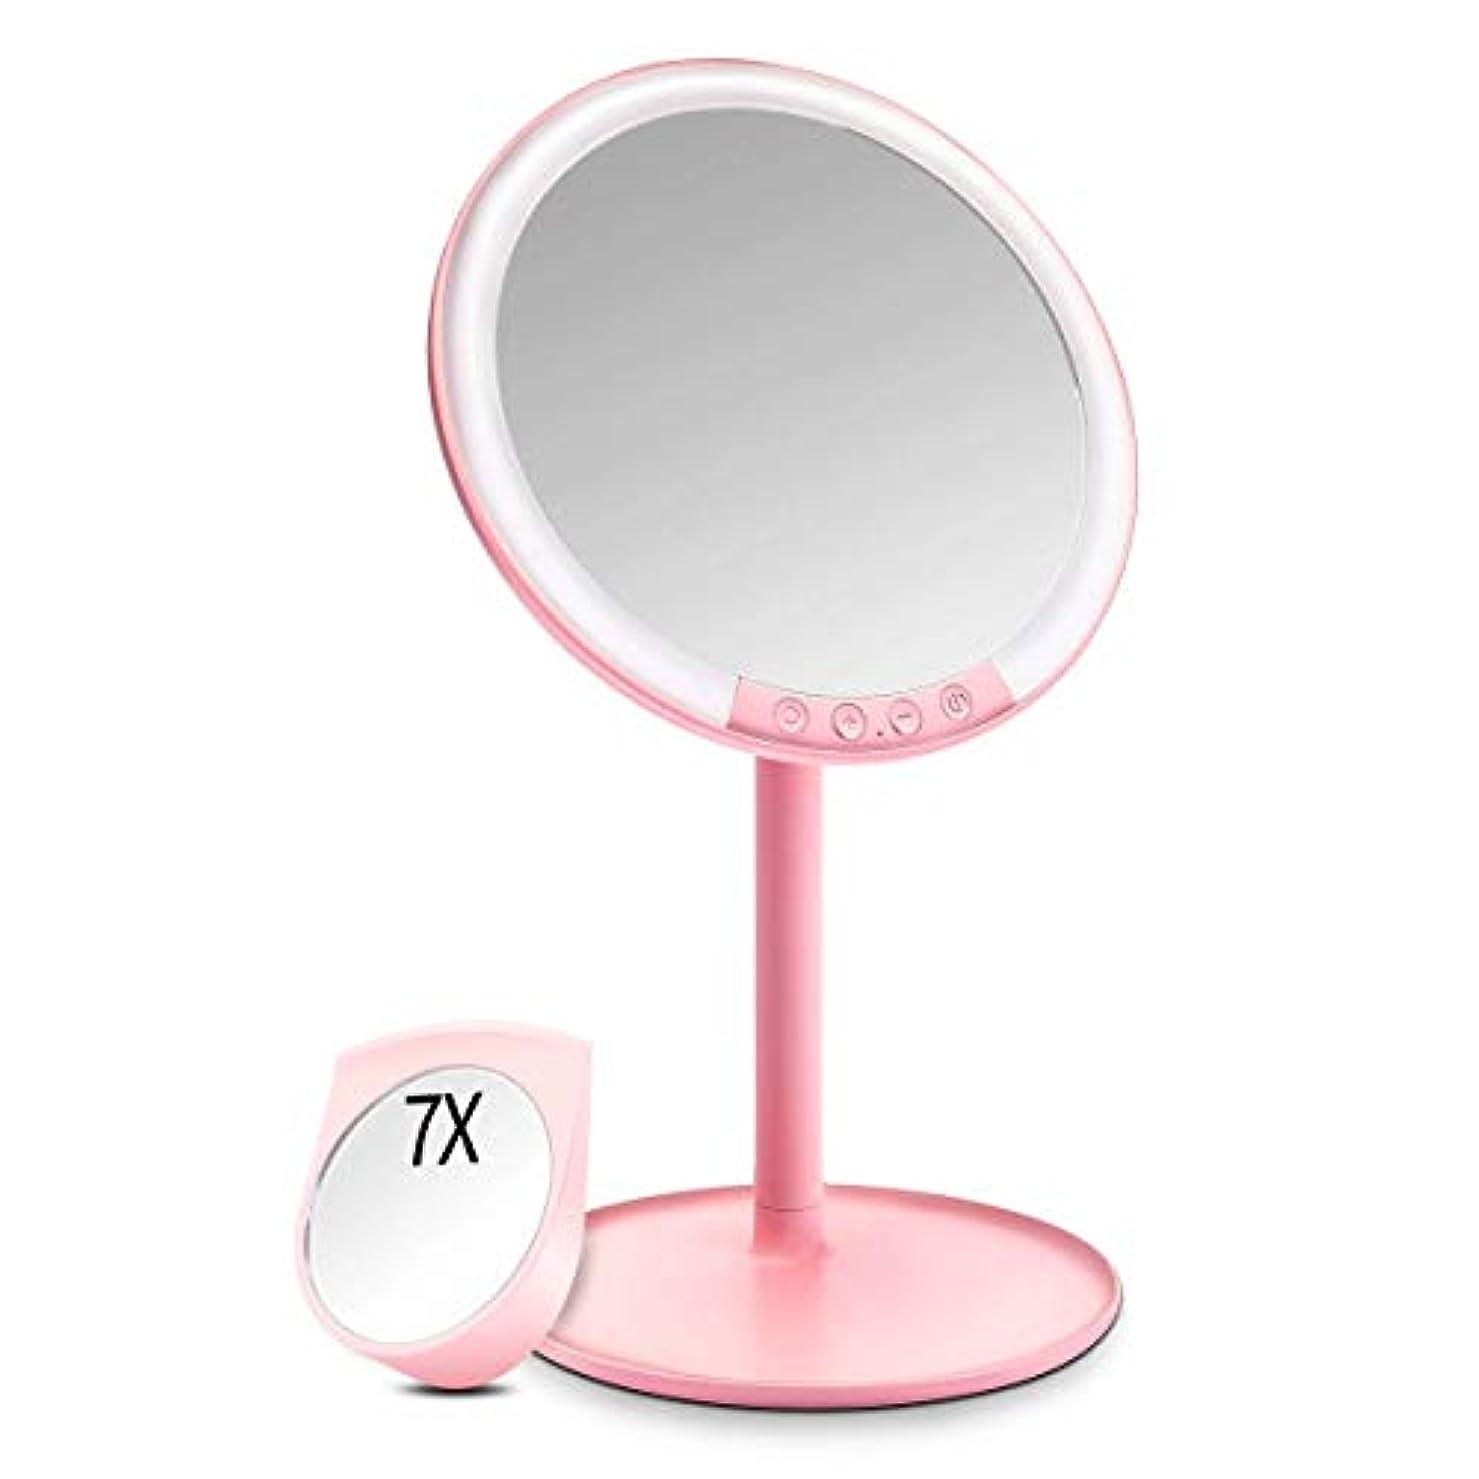 一握りラダのぞき見化粧鏡 化粧ミラー Morpilot 卓上ミラー 女優ミラー 66個LED付きミラー 7倍拡大鏡付き 3色調節可能 明るさ調節可能 USB充電式 120度回転 収納ベース 可愛い鏡